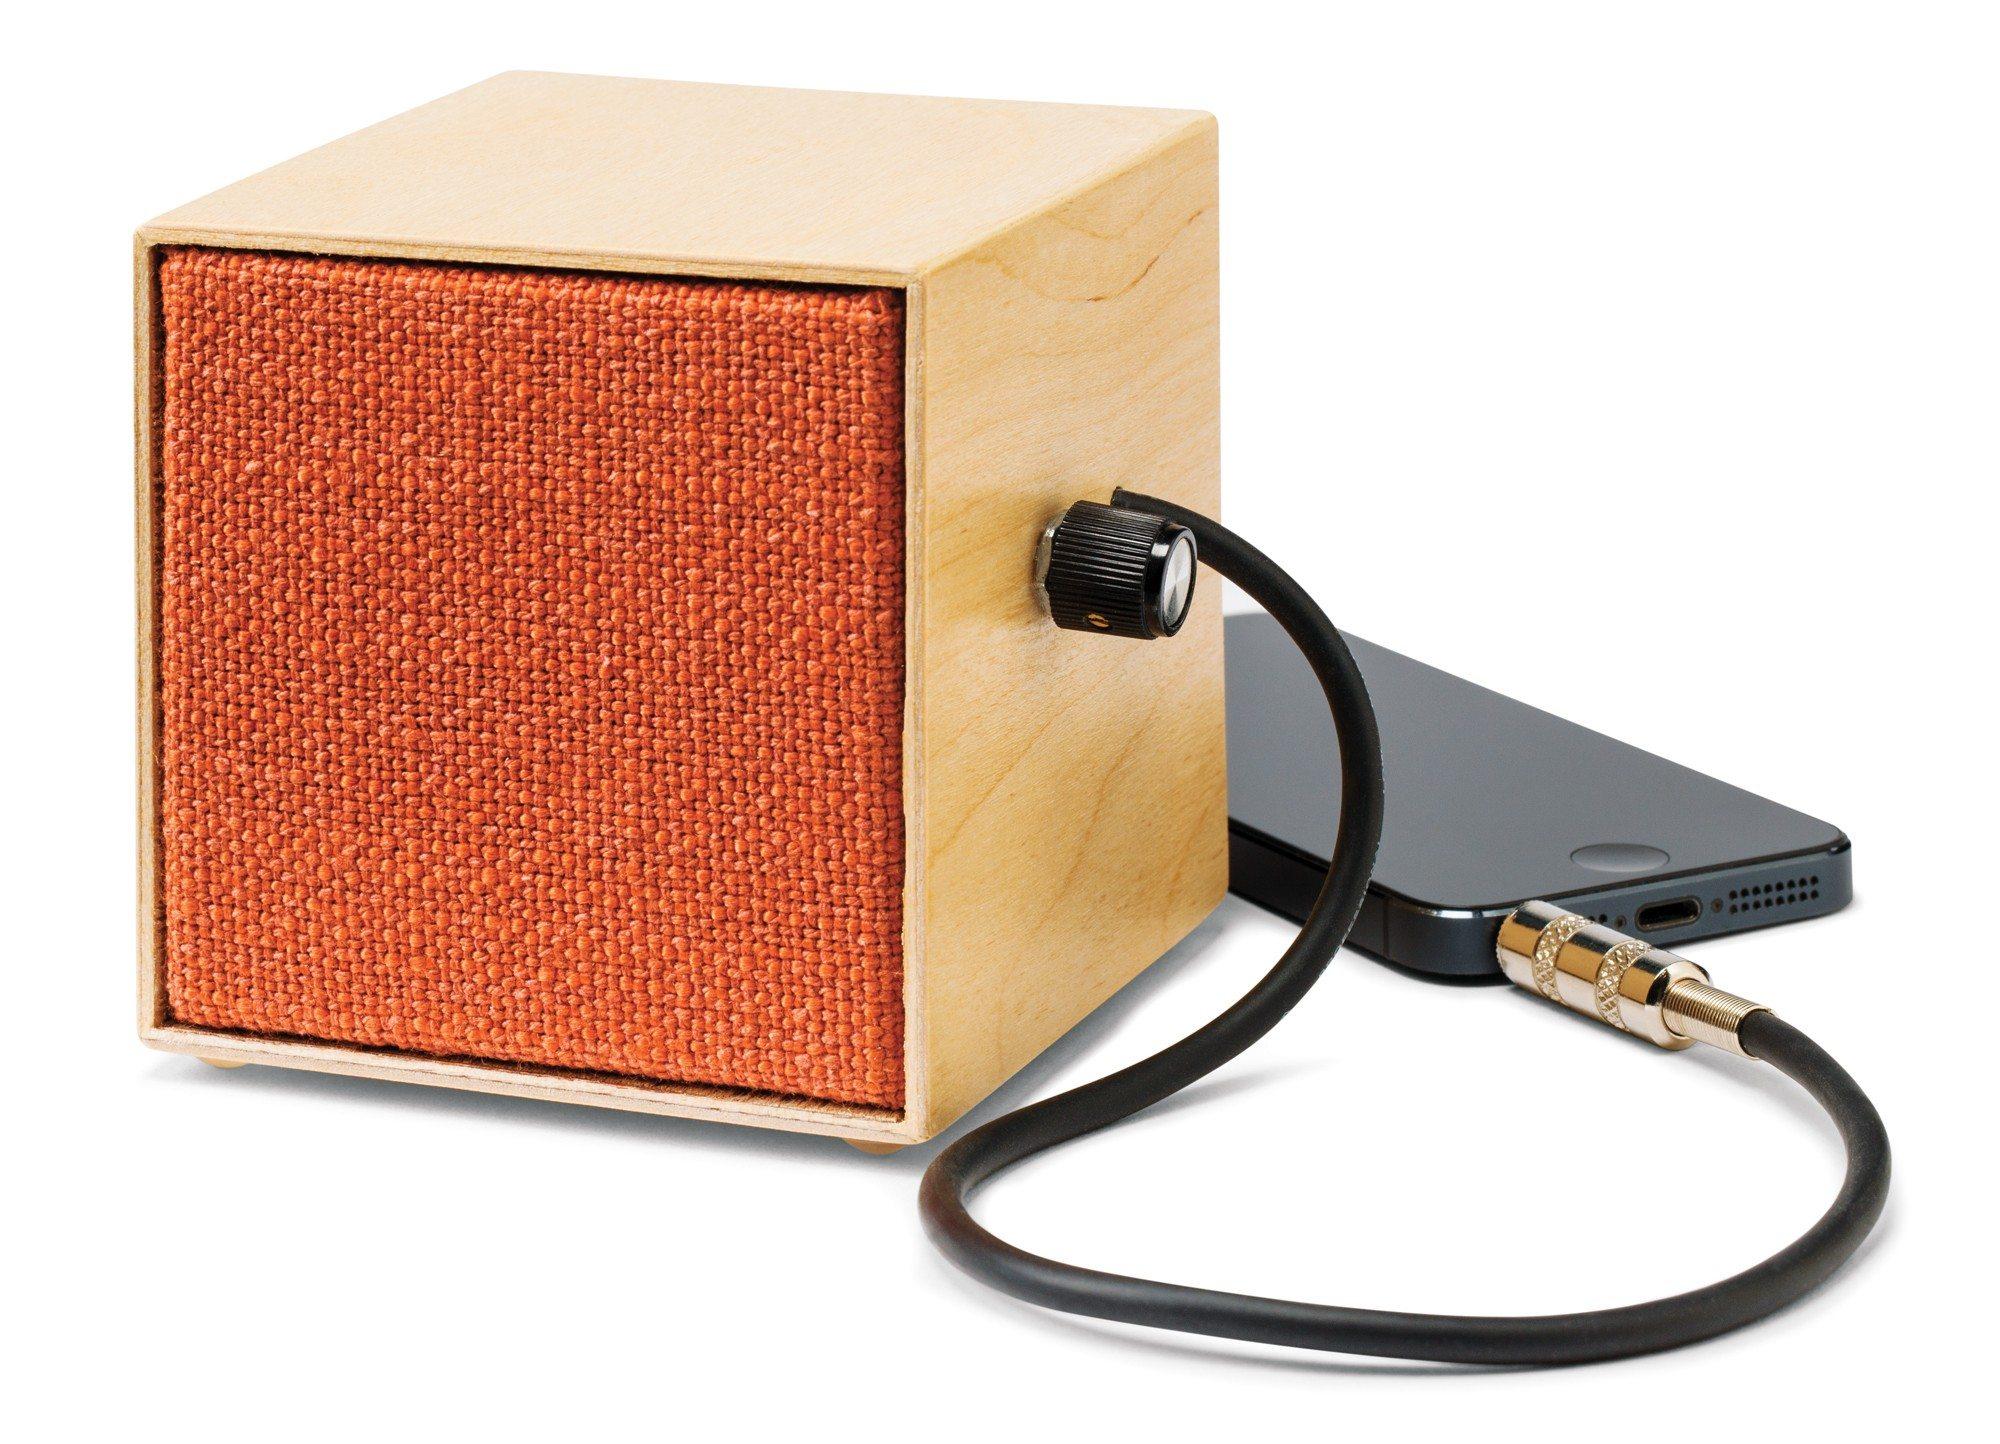 Mini portable speaker $80 by Mélissa Tremblay and Fratzel Descadres